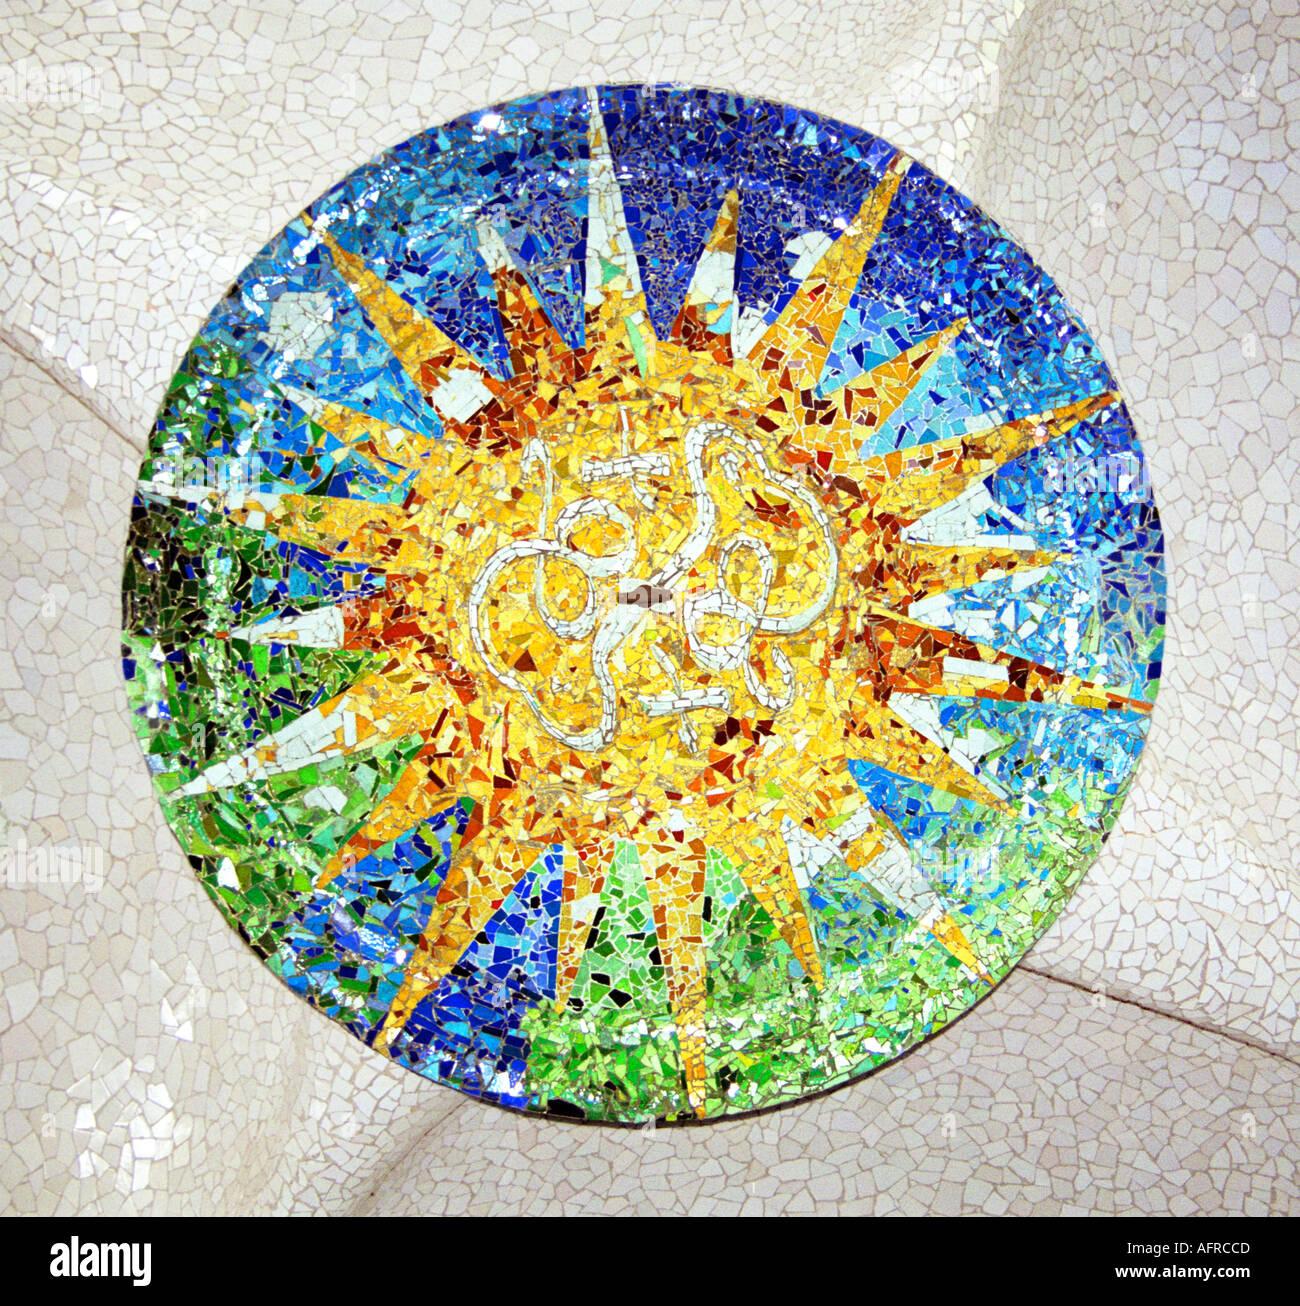 detalle del mosaico del sol en un banco en el parque paisaj stico de antoni gaud parc g ell en. Black Bedroom Furniture Sets. Home Design Ideas